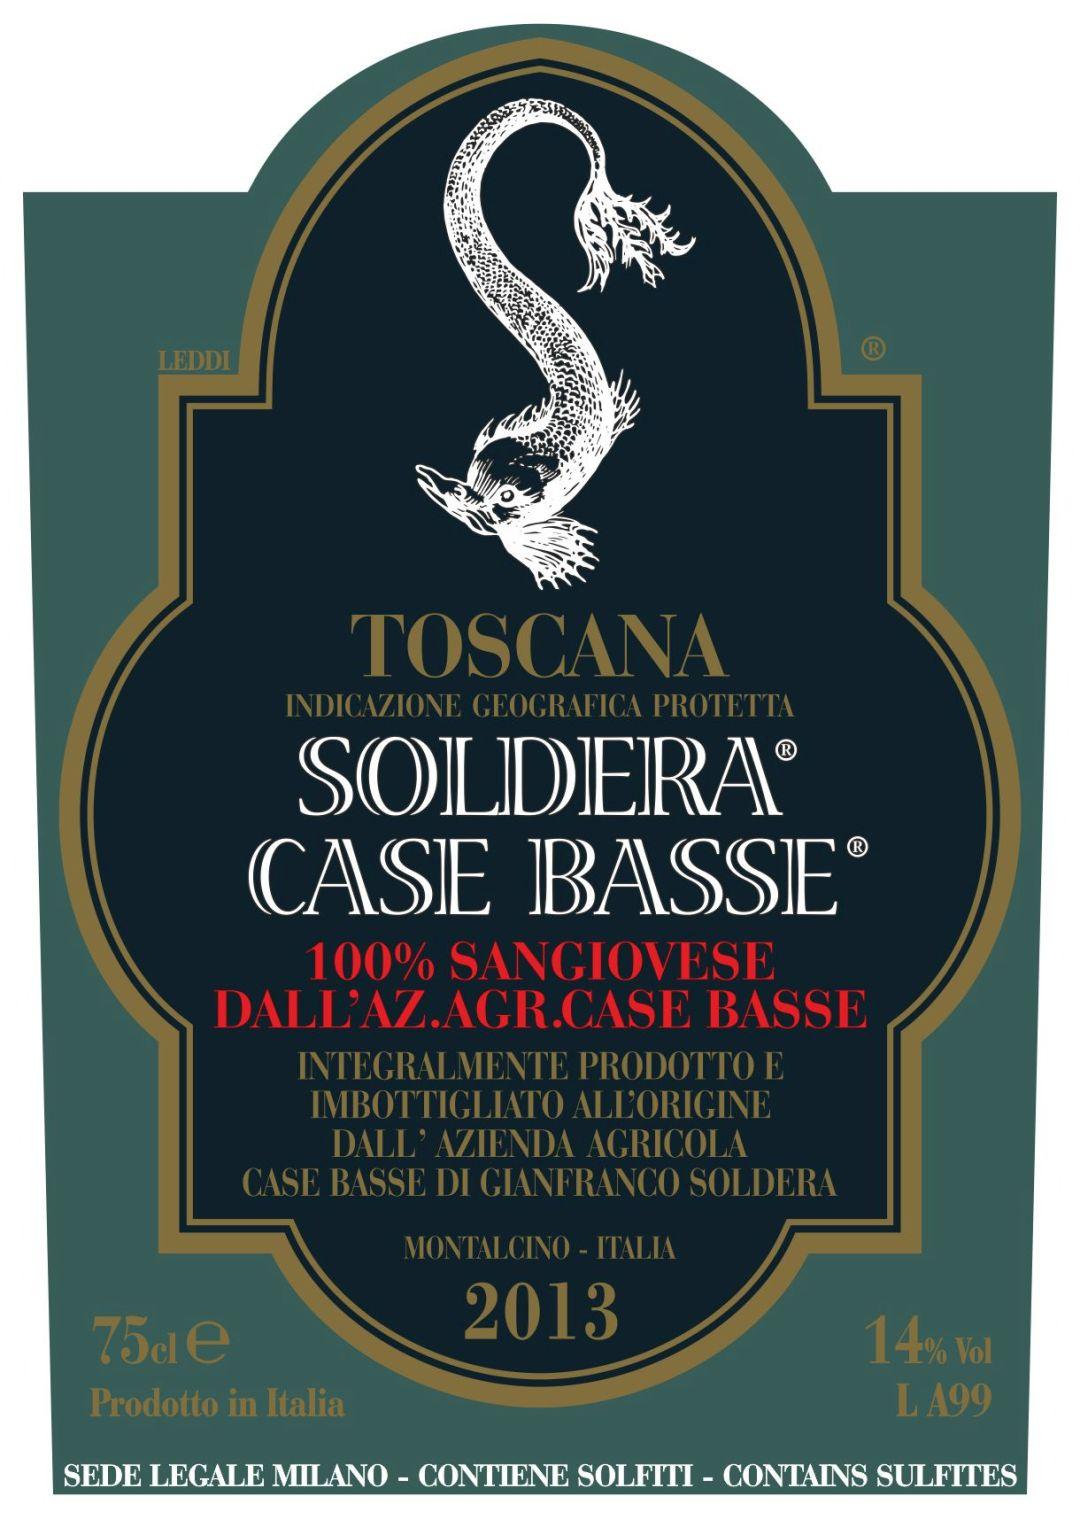 Soldera Case Basse